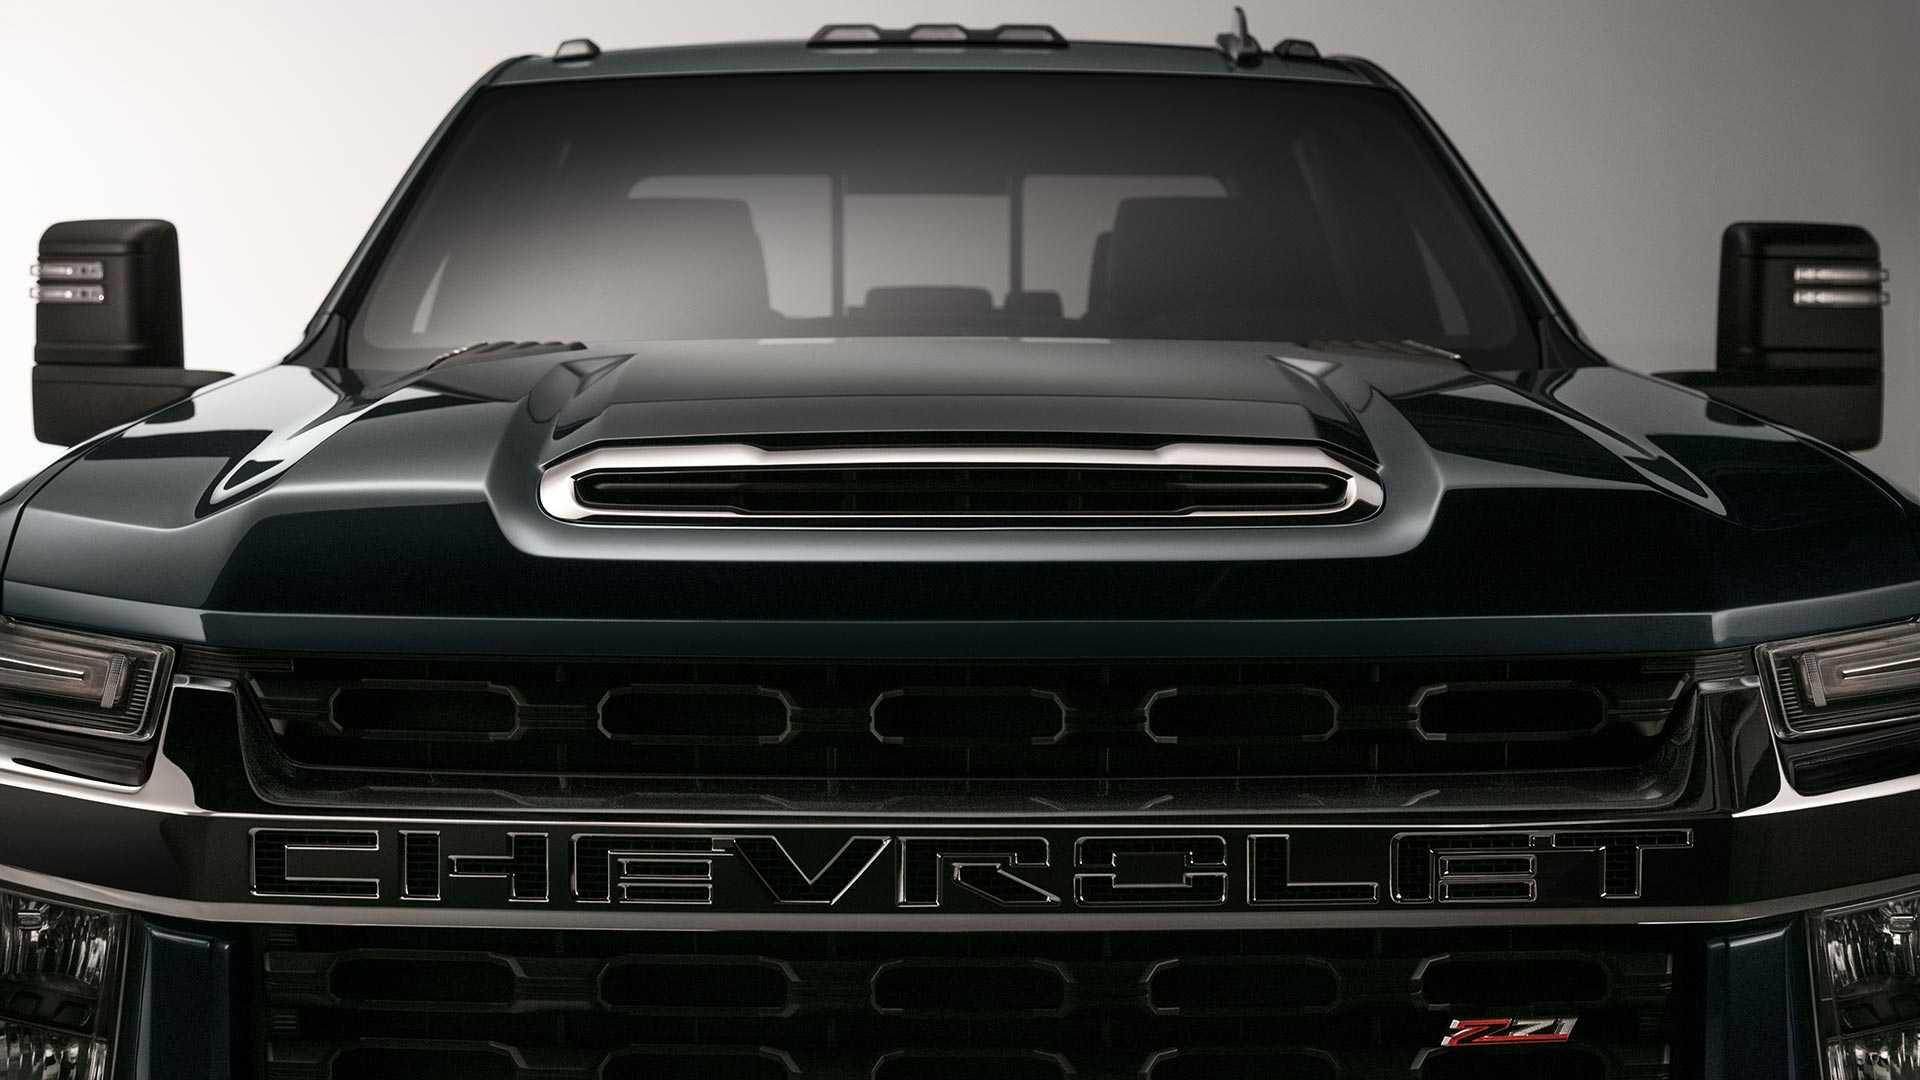 2020-chevrolet-silverado-hd (2)